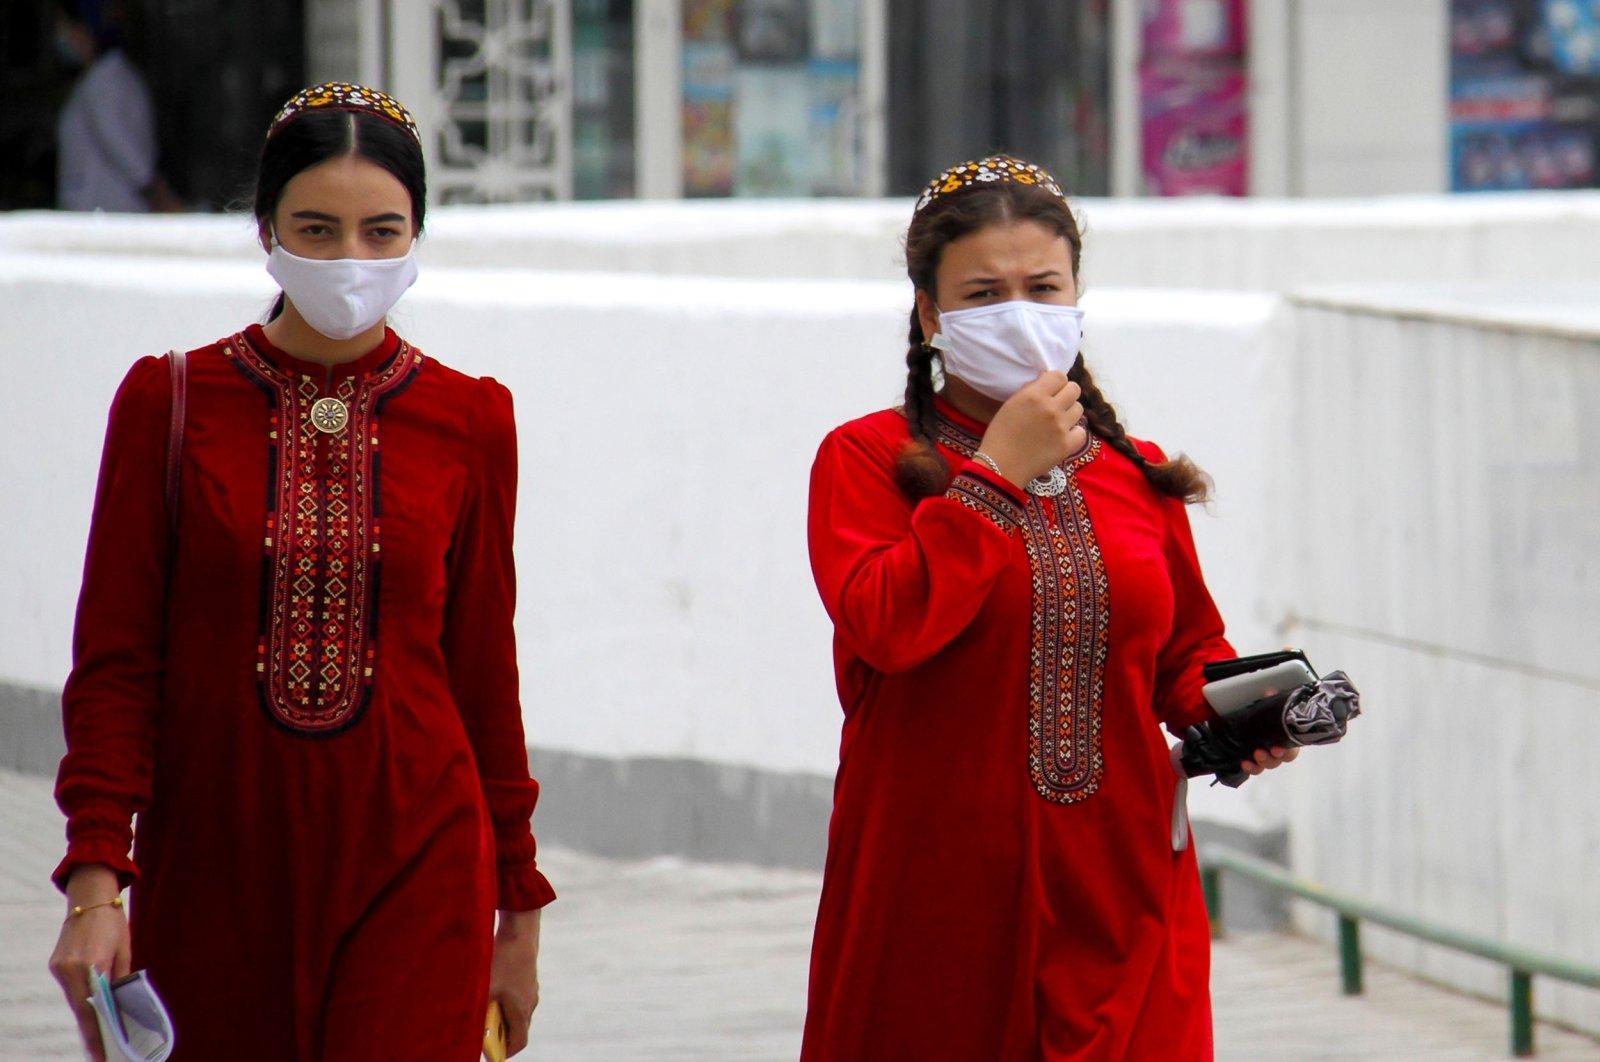 Turkmen women wearing face masks walk in Ashgabat on July 13, 2020. (Photo by STR / AFP)